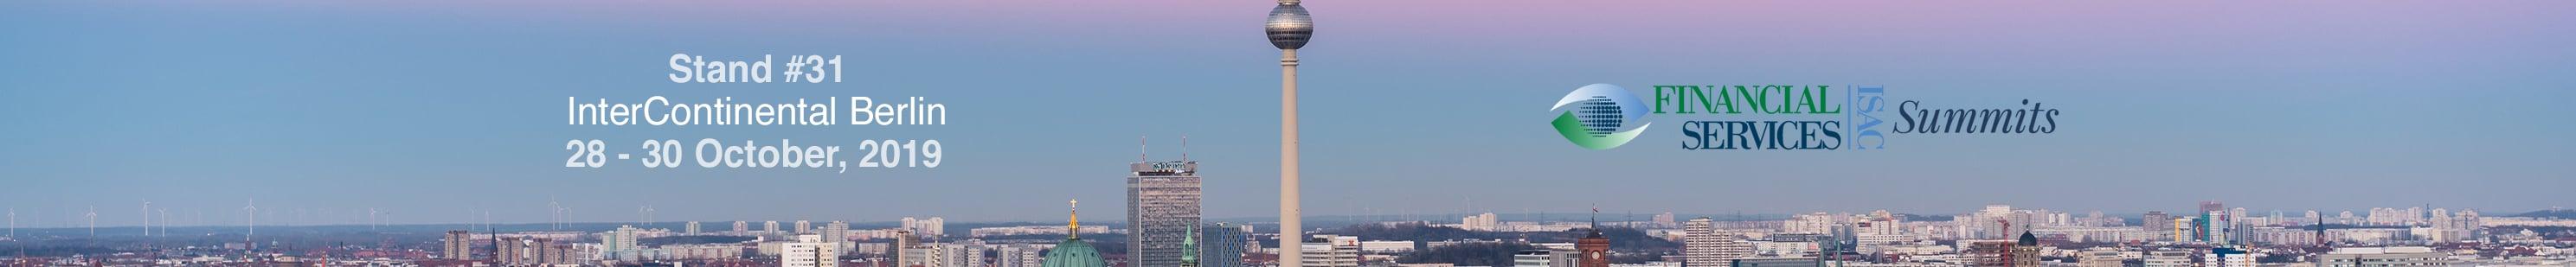 berlinwebheader2